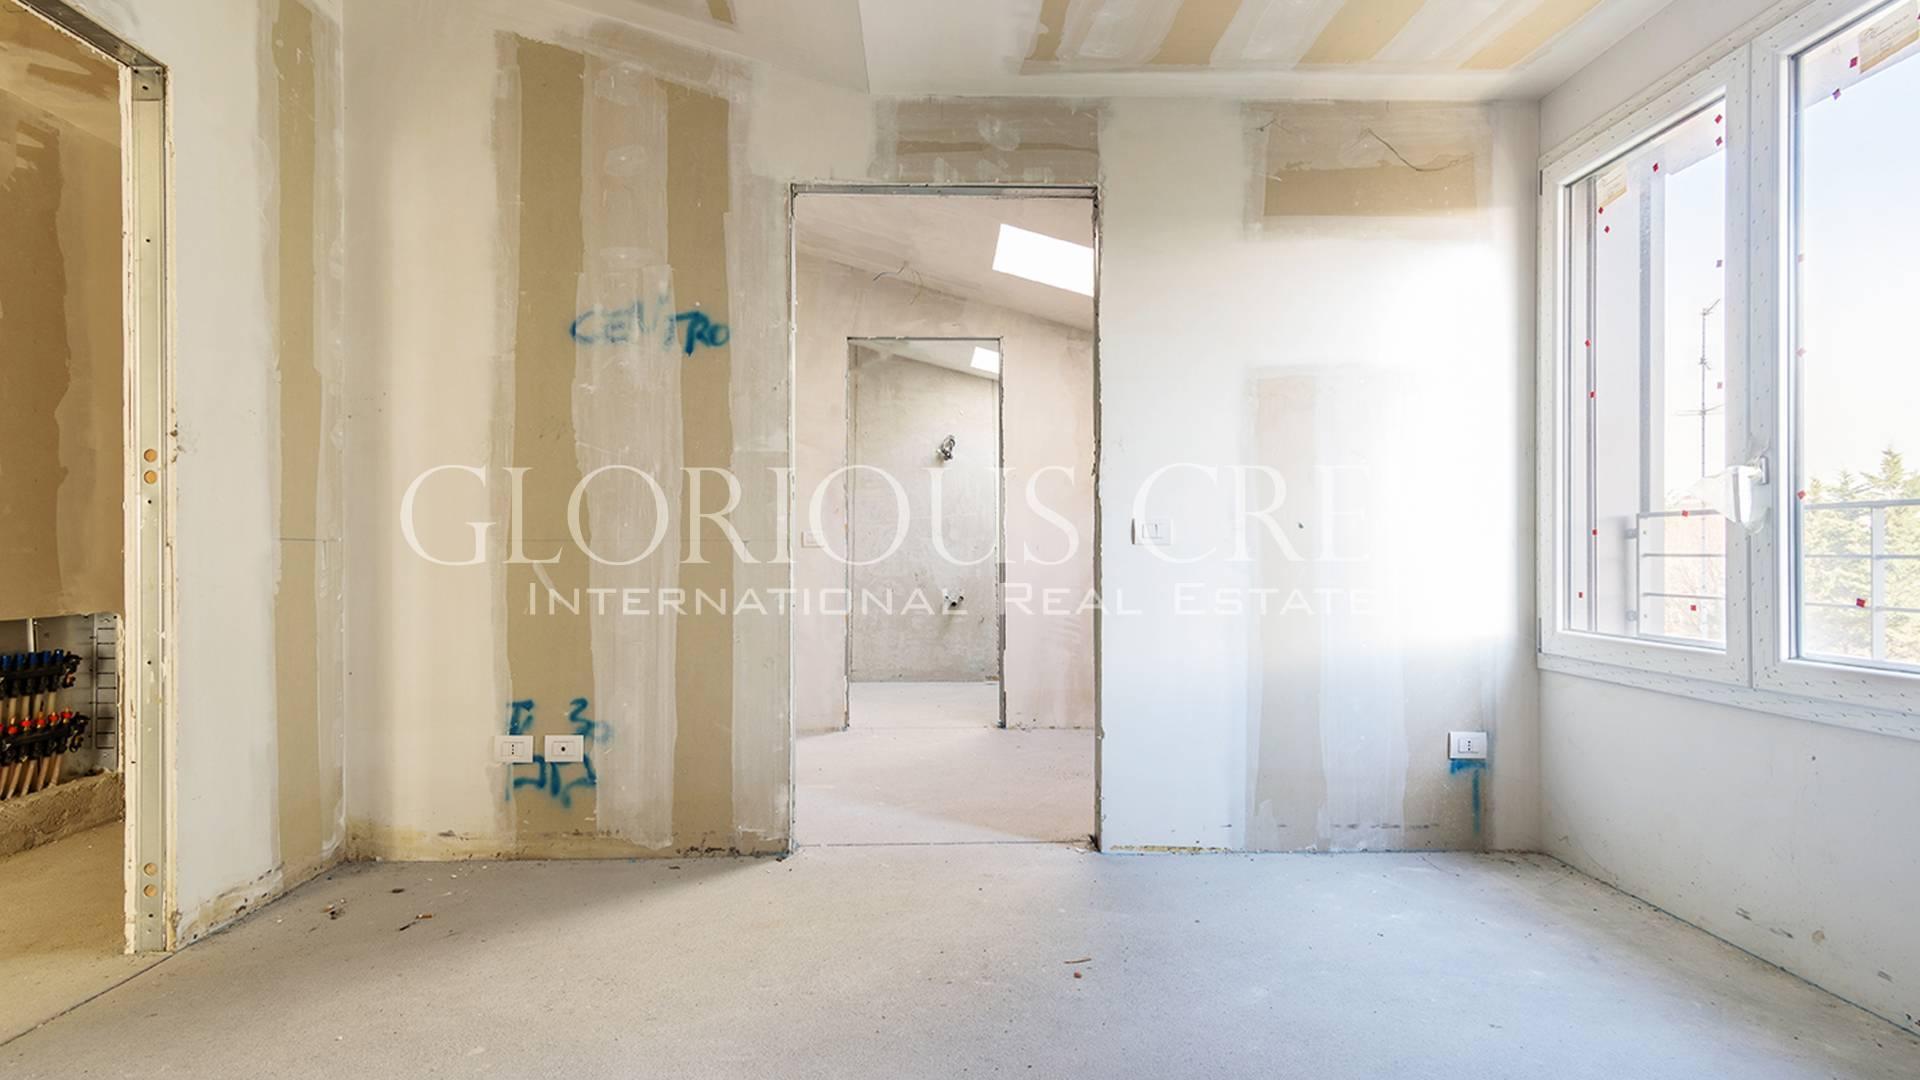 Appartamento in Vendita a Monza: 4 locali, 149 mq - Foto 21